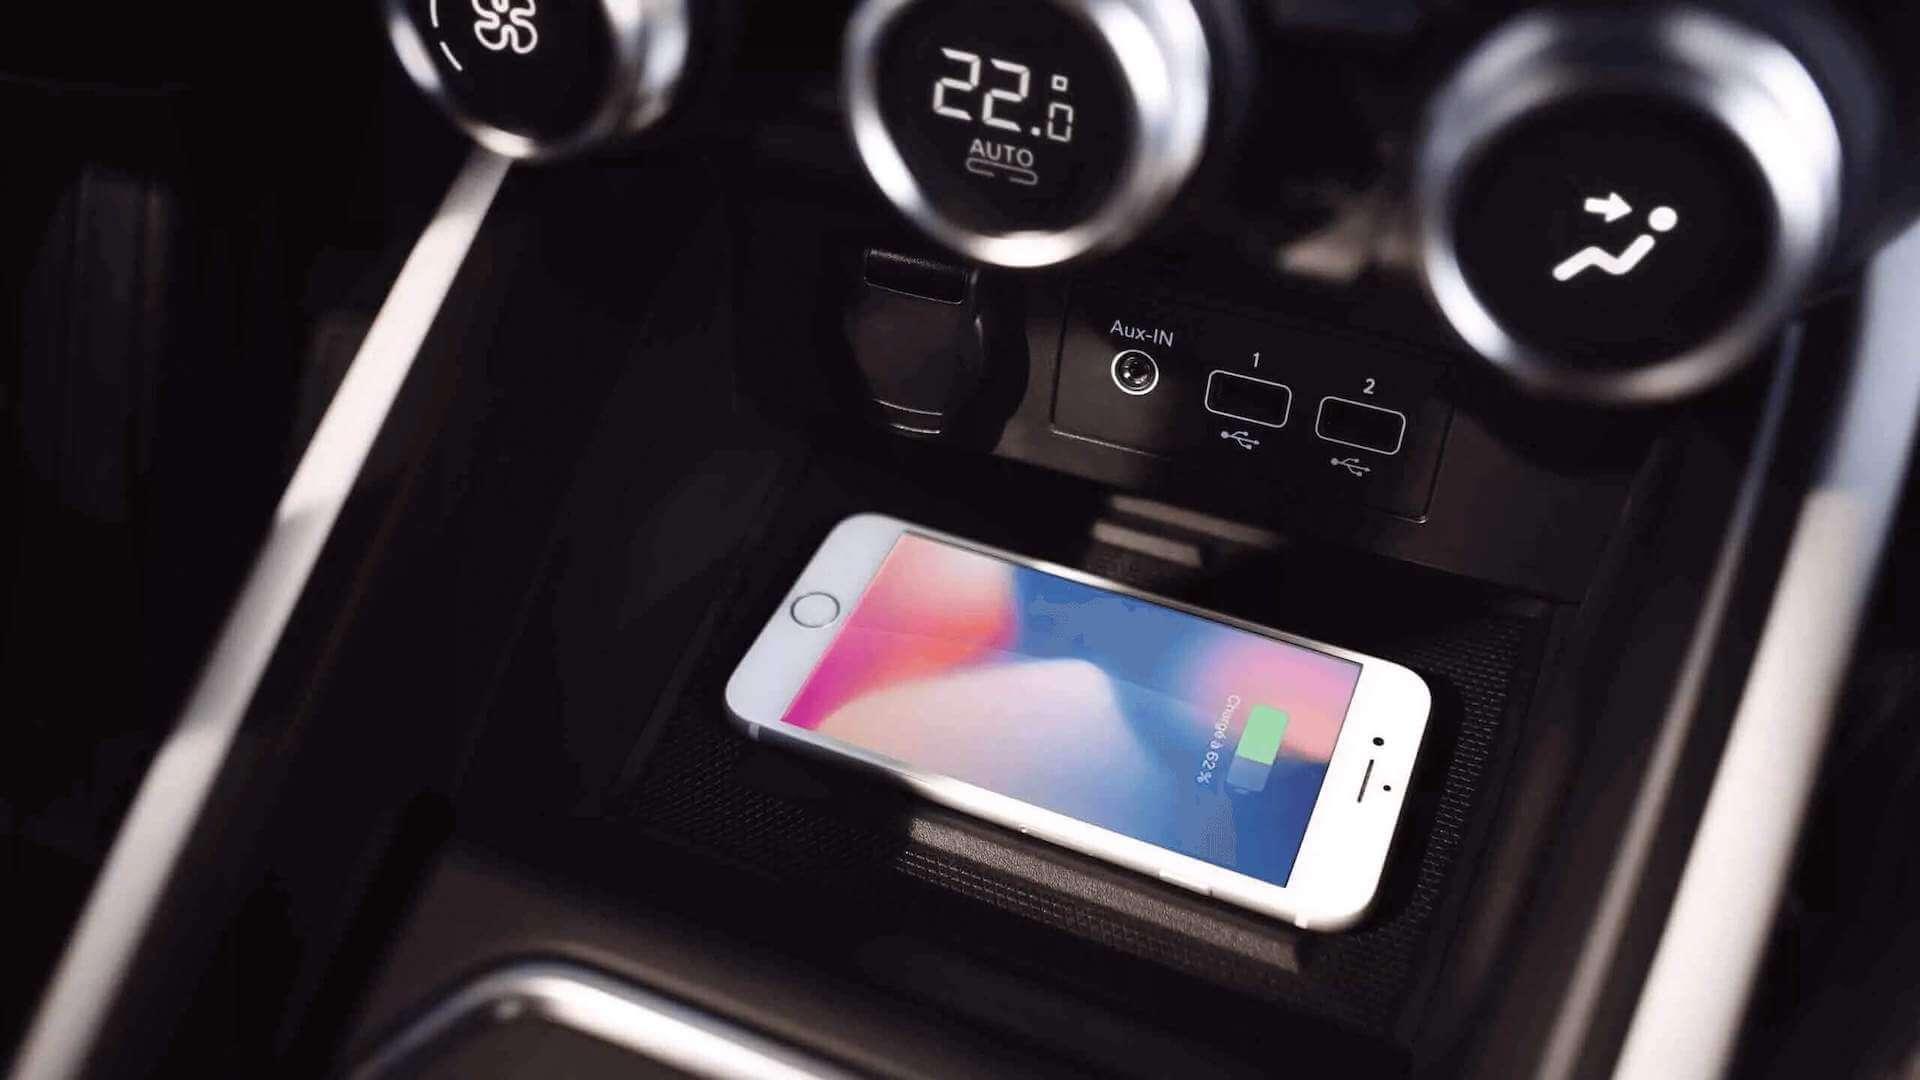 Smartphone lädt kontaktlos im Auto - Renault Clio - Renault Ahrens Hannover